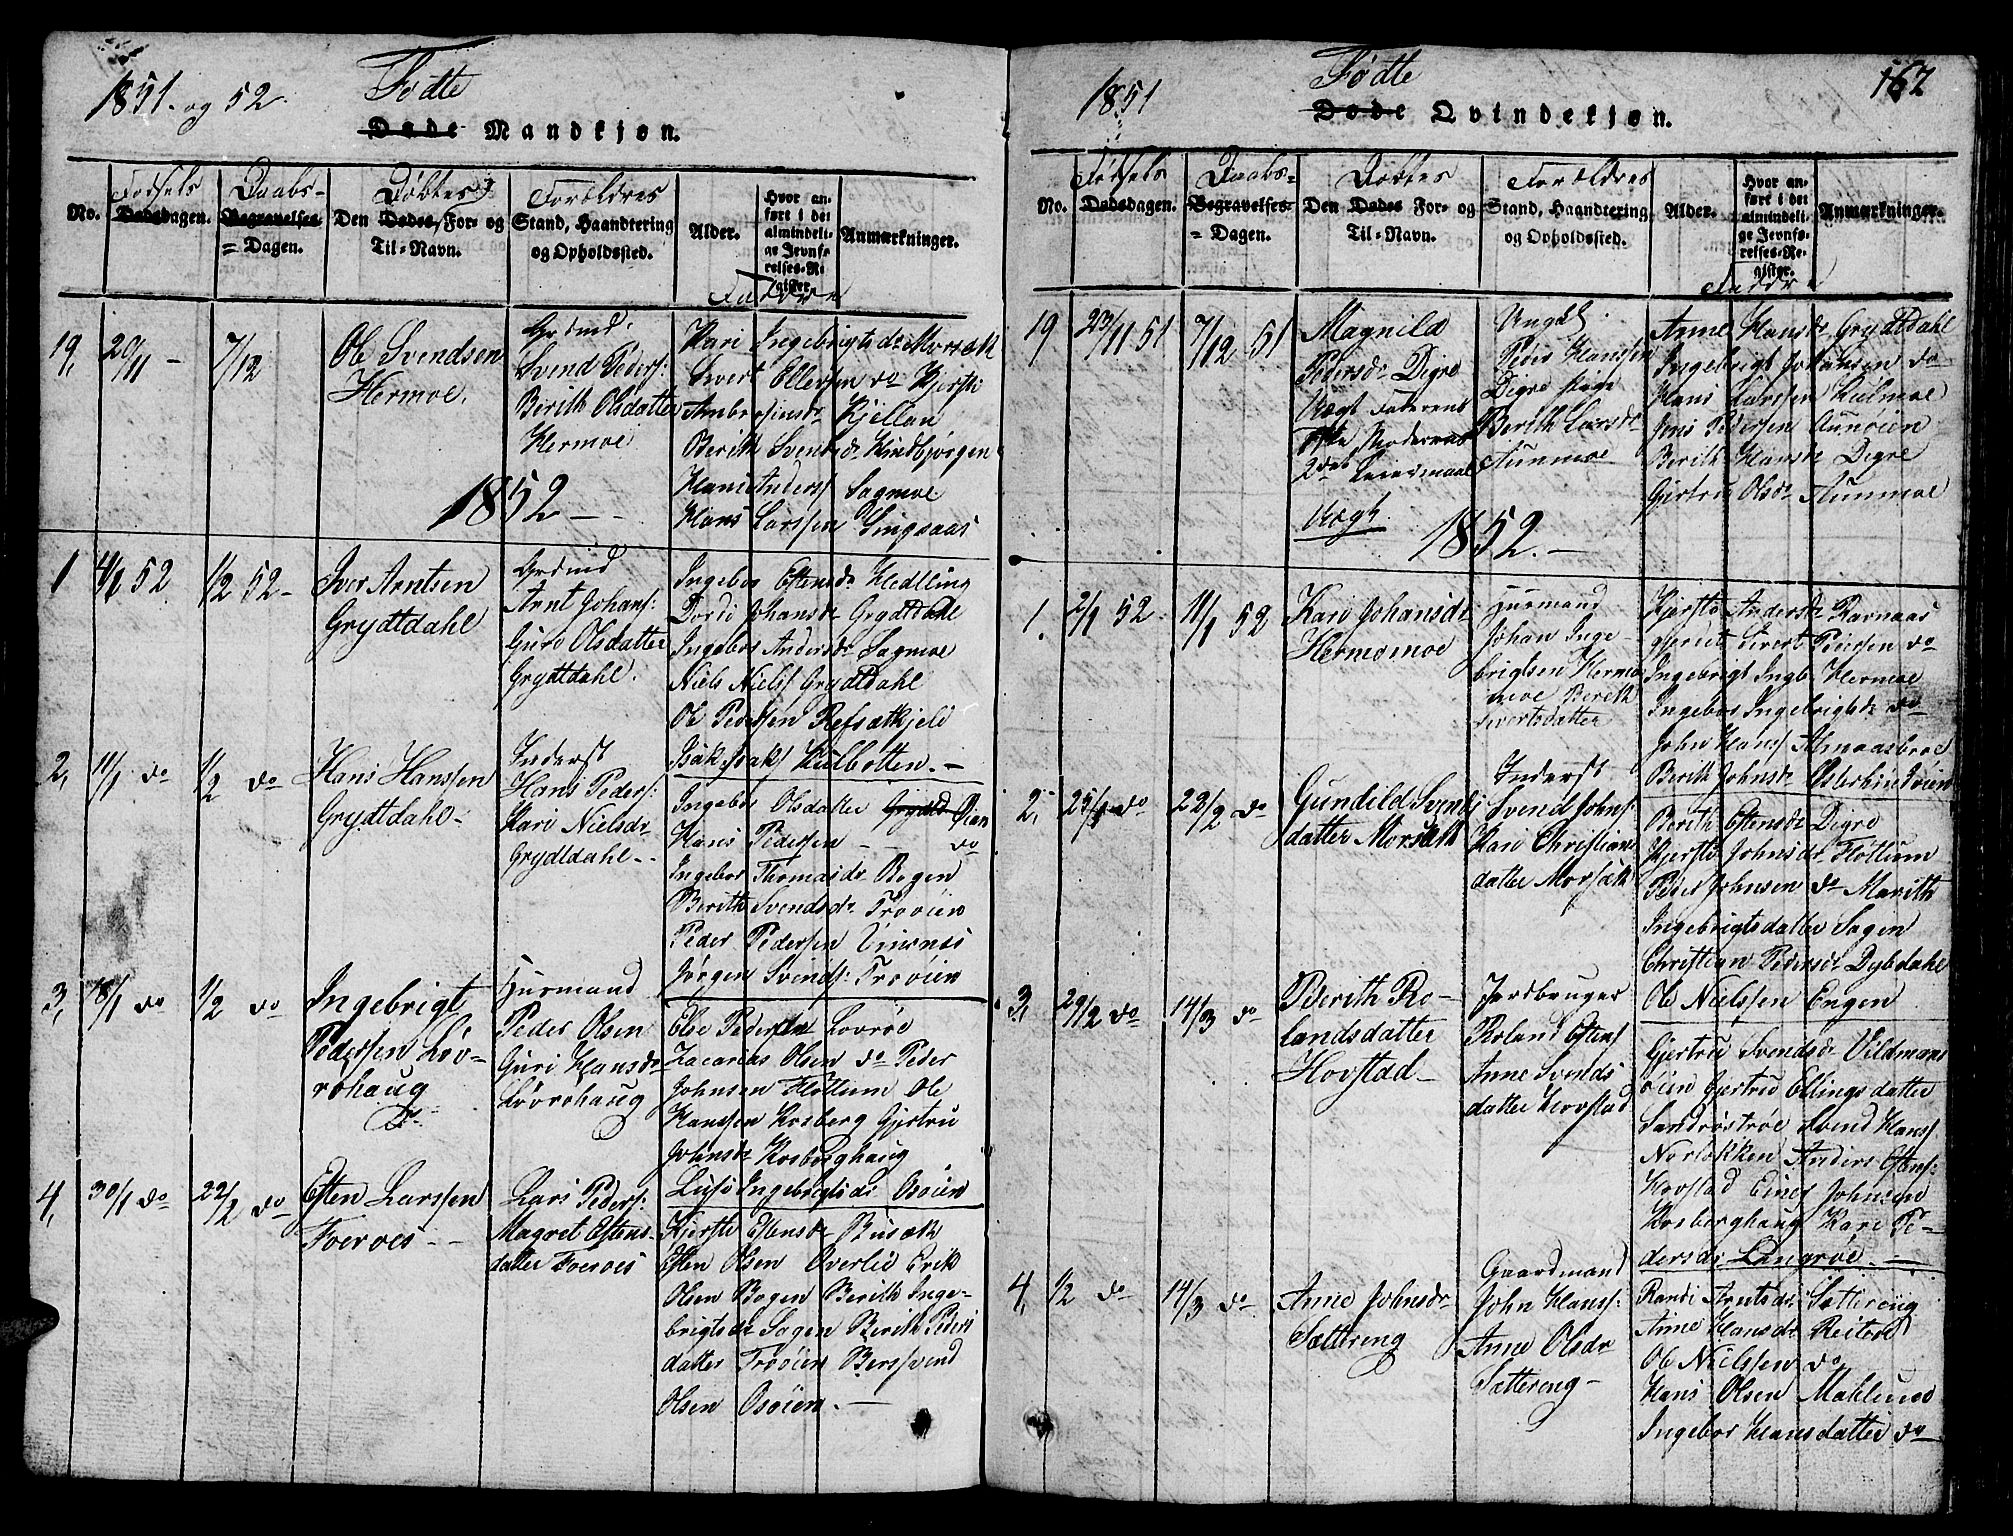 SAT, Ministerialprotokoller, klokkerbøker og fødselsregistre - Sør-Trøndelag, 688/L1026: Klokkerbok nr. 688C01, 1817-1860, s. 162